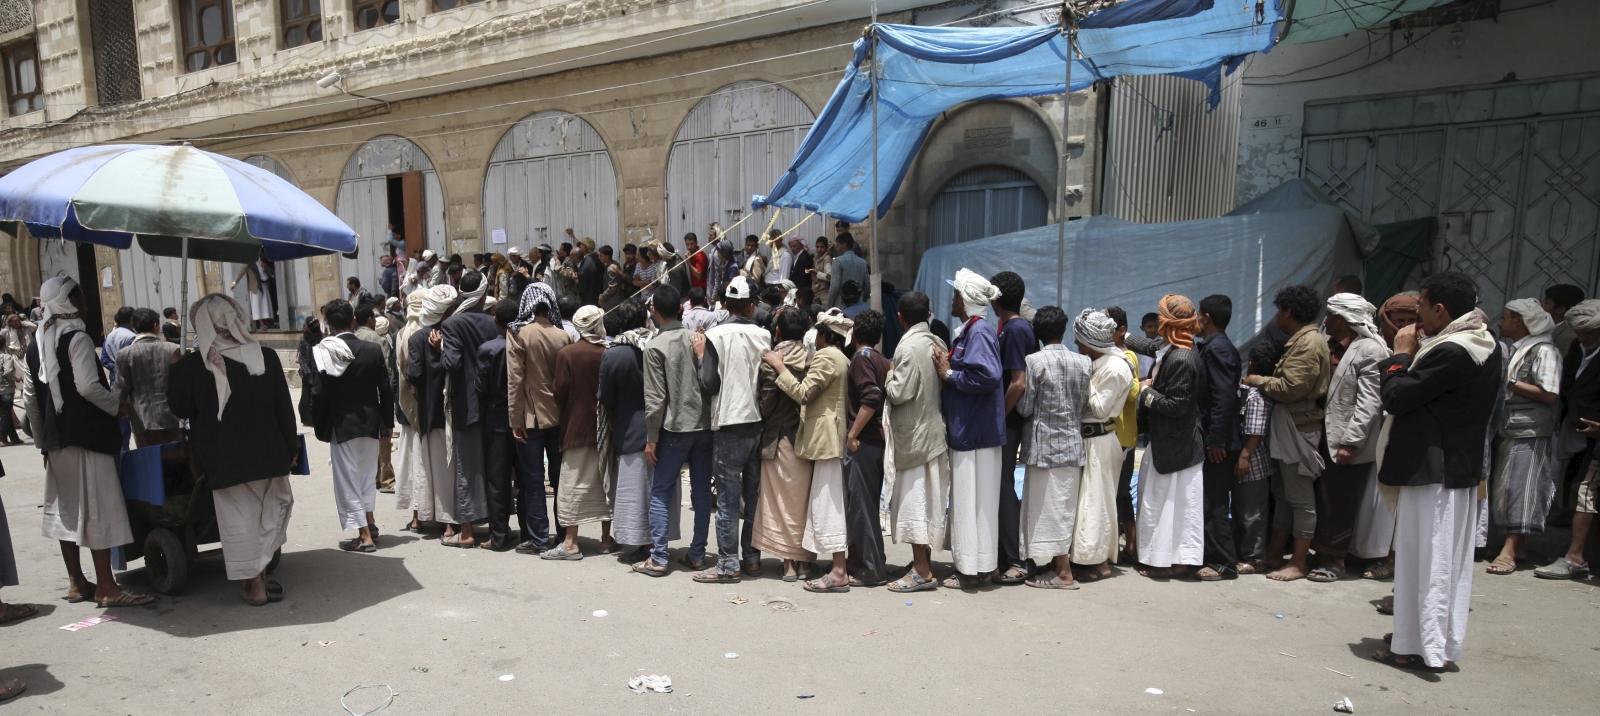 Yemen food fuel shortage